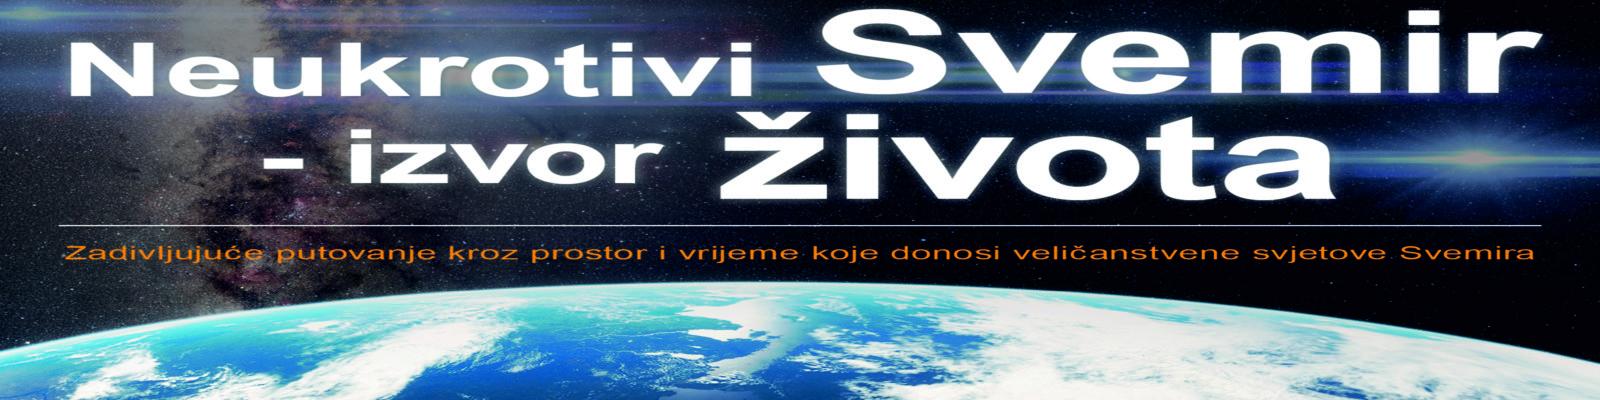 Astronomski centar Rijeka slider